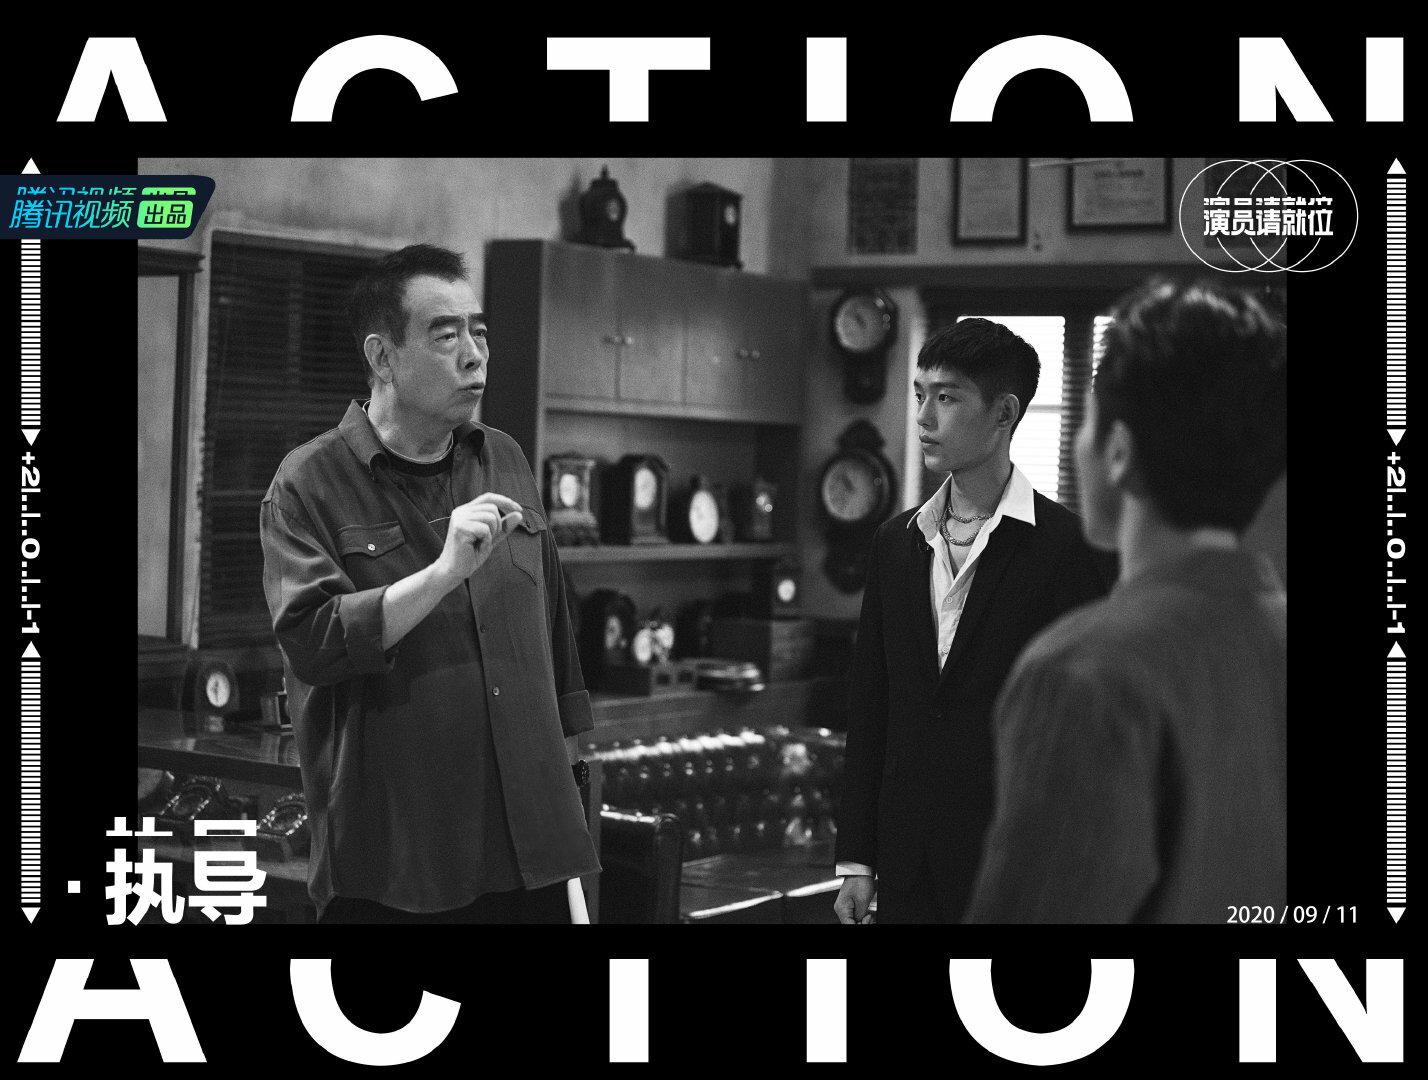 """《演员请就位2》:陈凯歌的""""一针见血"""",恰是一种""""大道至简"""""""